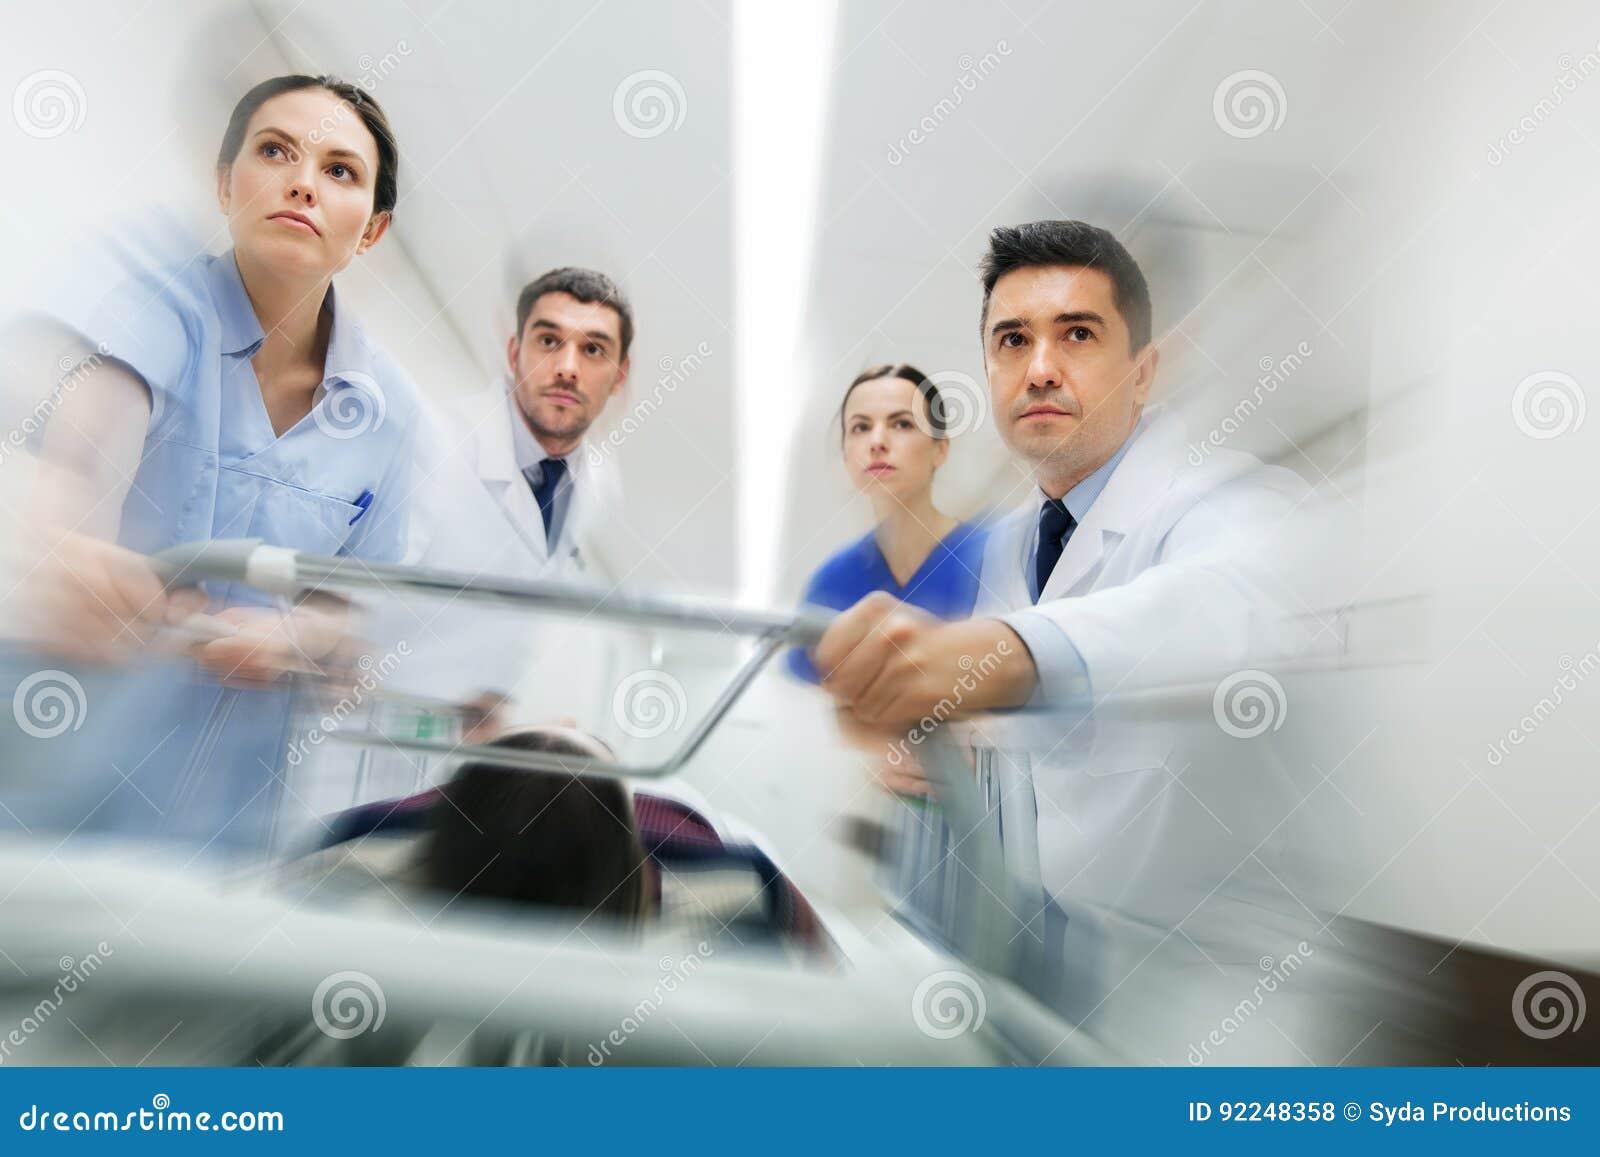 军医和患者医院盖尼式床的在紧急状态